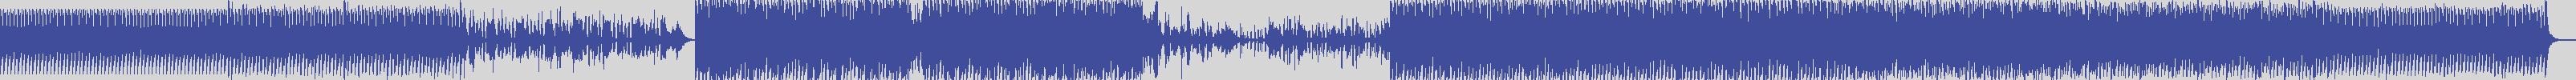 just_digital_records [JS1143] Homeboyz - Crazy Dj [Mdg Mental Mix] audio wave form